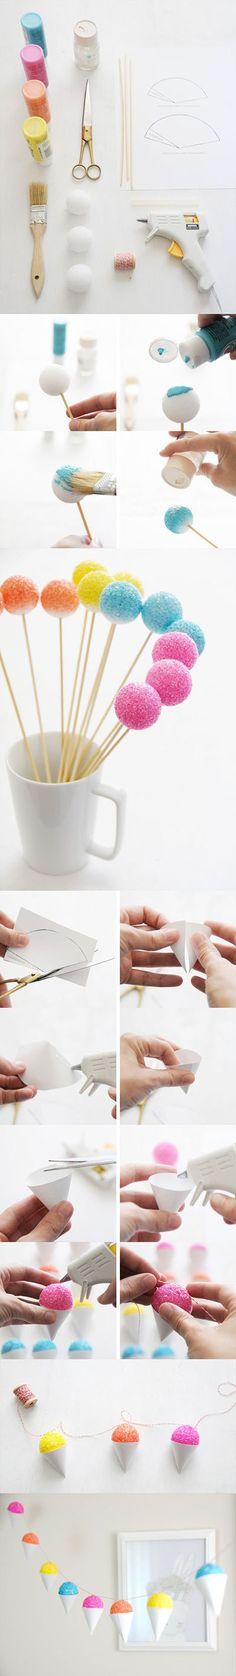 DIY snow cone garland | DIY & Crafts Tutorials